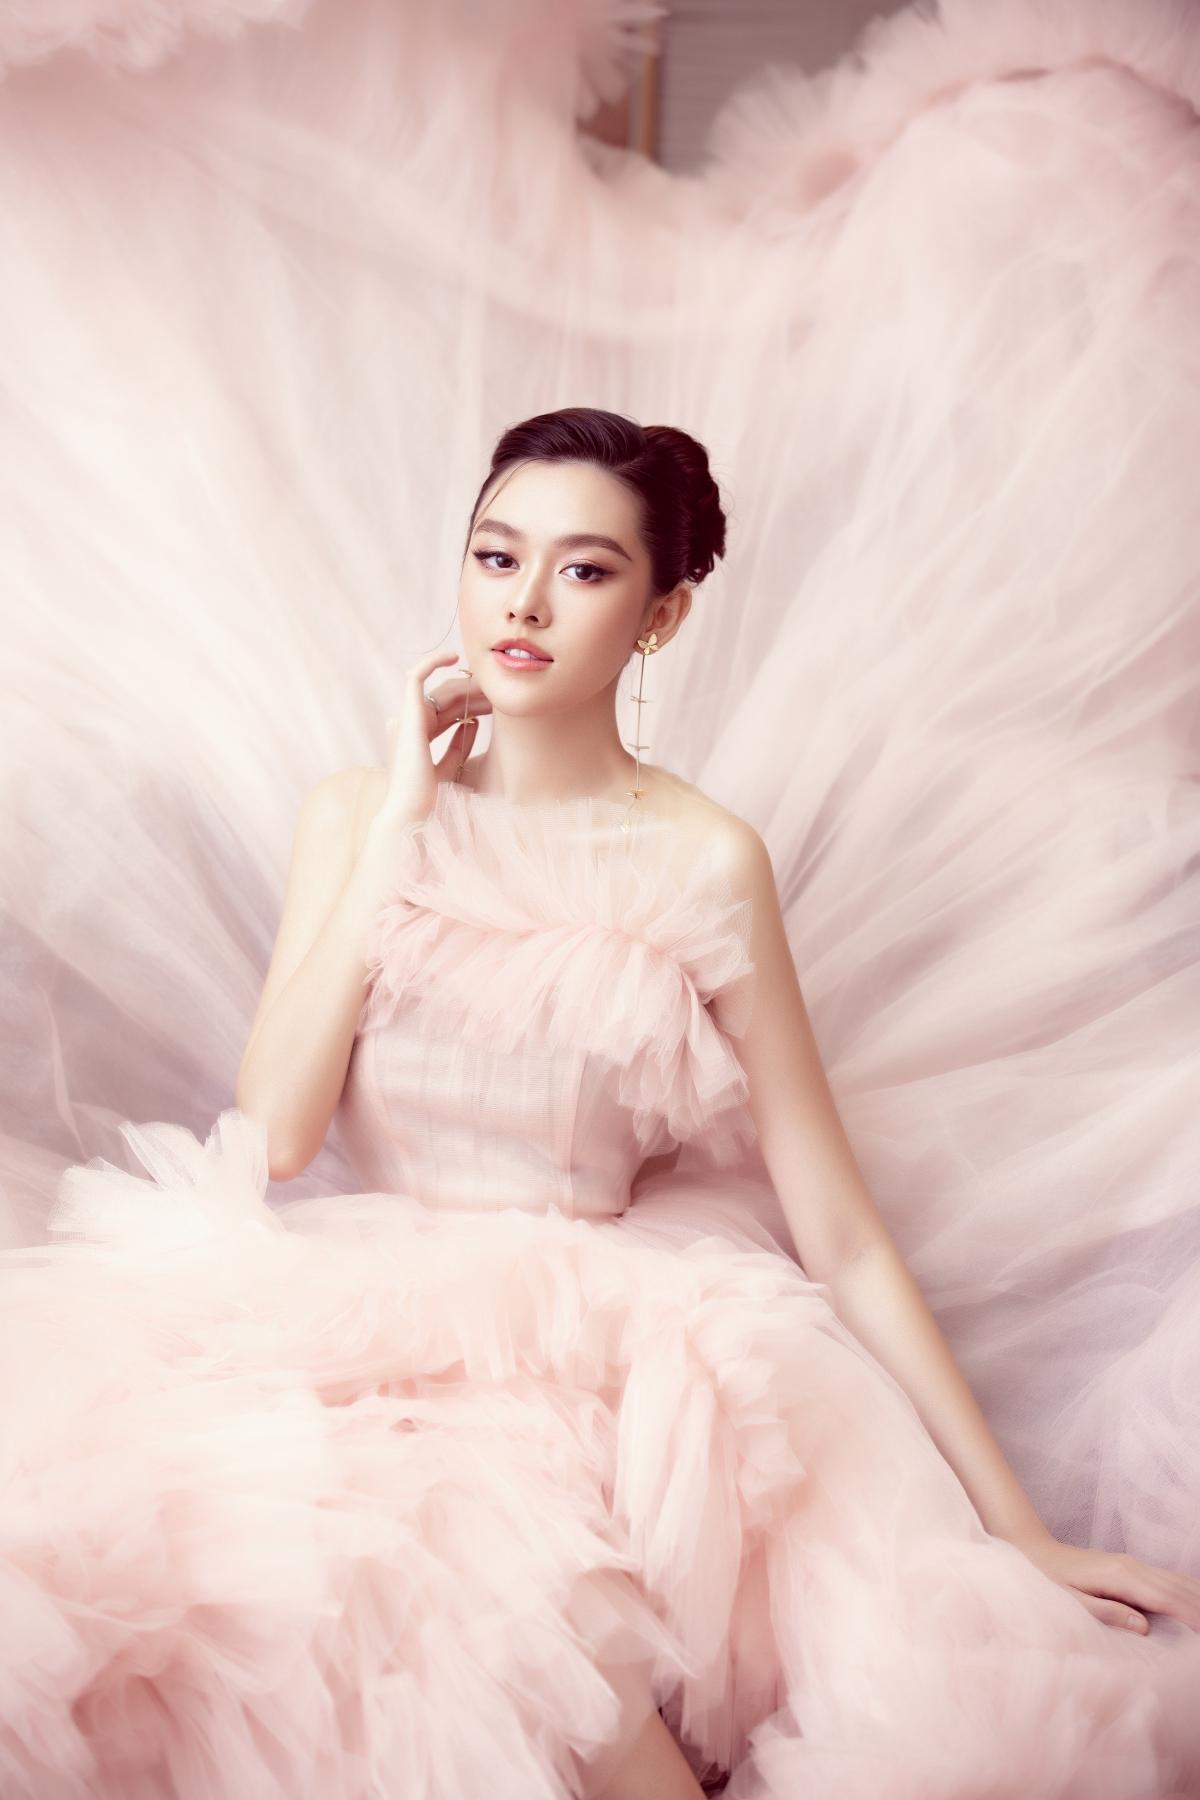 Tham gia một sự kiện về mỹ phẩm làm đẹp tại TP. HCM, Á hậu Tường San đã chọn cho mình chiếc đầm của NTK Nguyễn Minh Công.